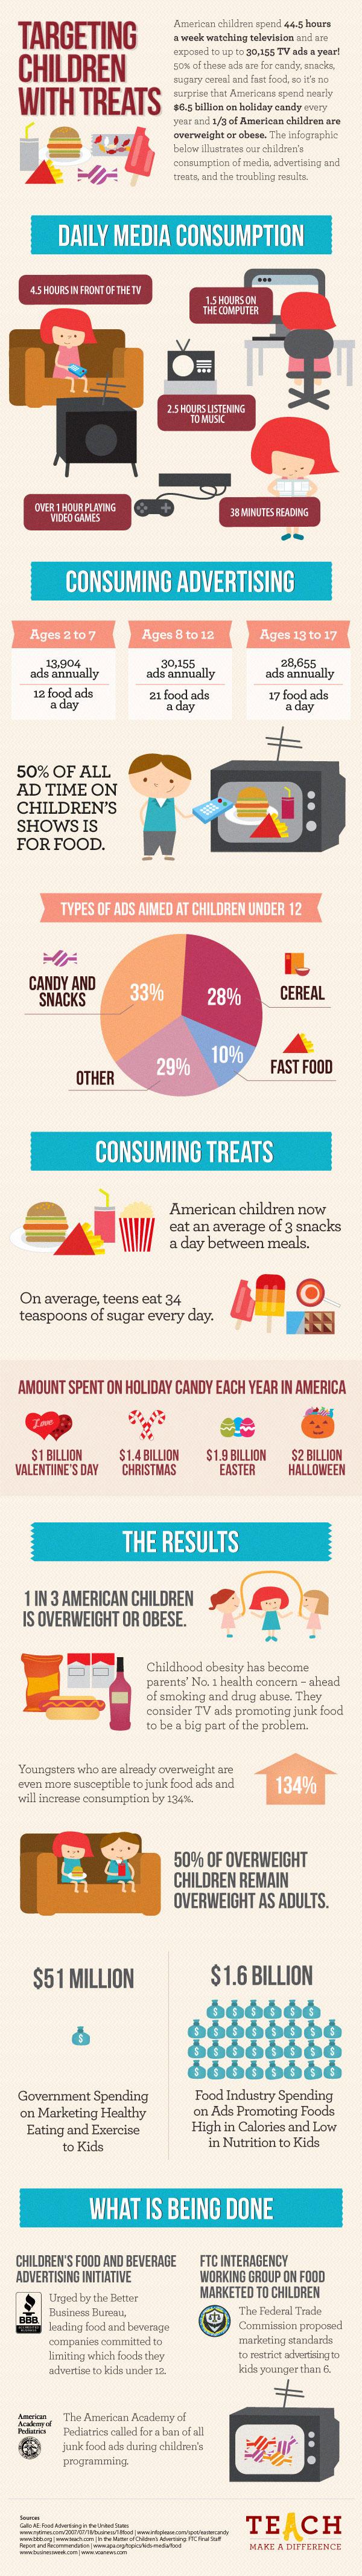 L'obésité touche les adolescents aux Etats-Unis (infographie)